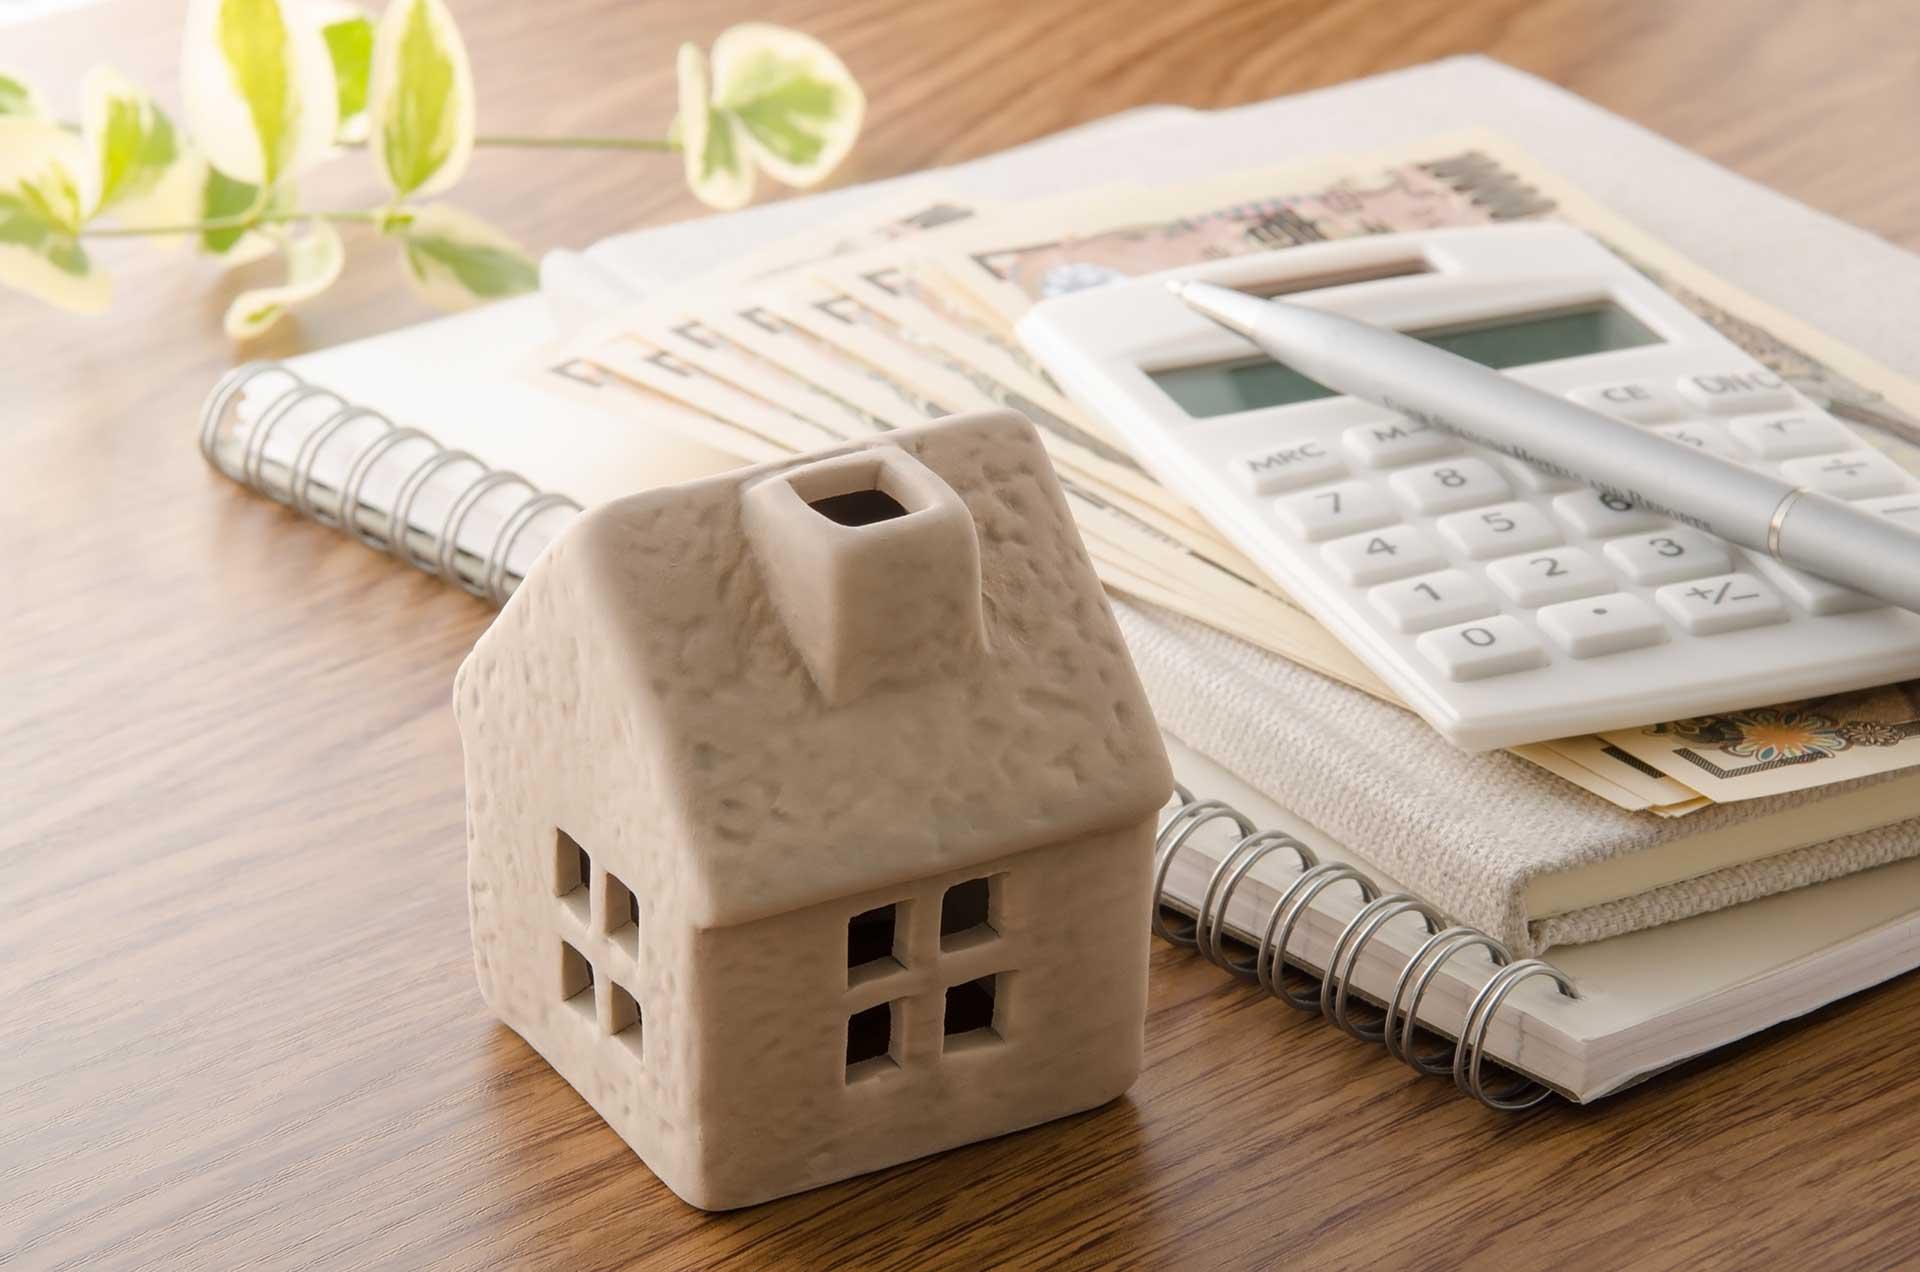 Häusermodell mit Unterlagen